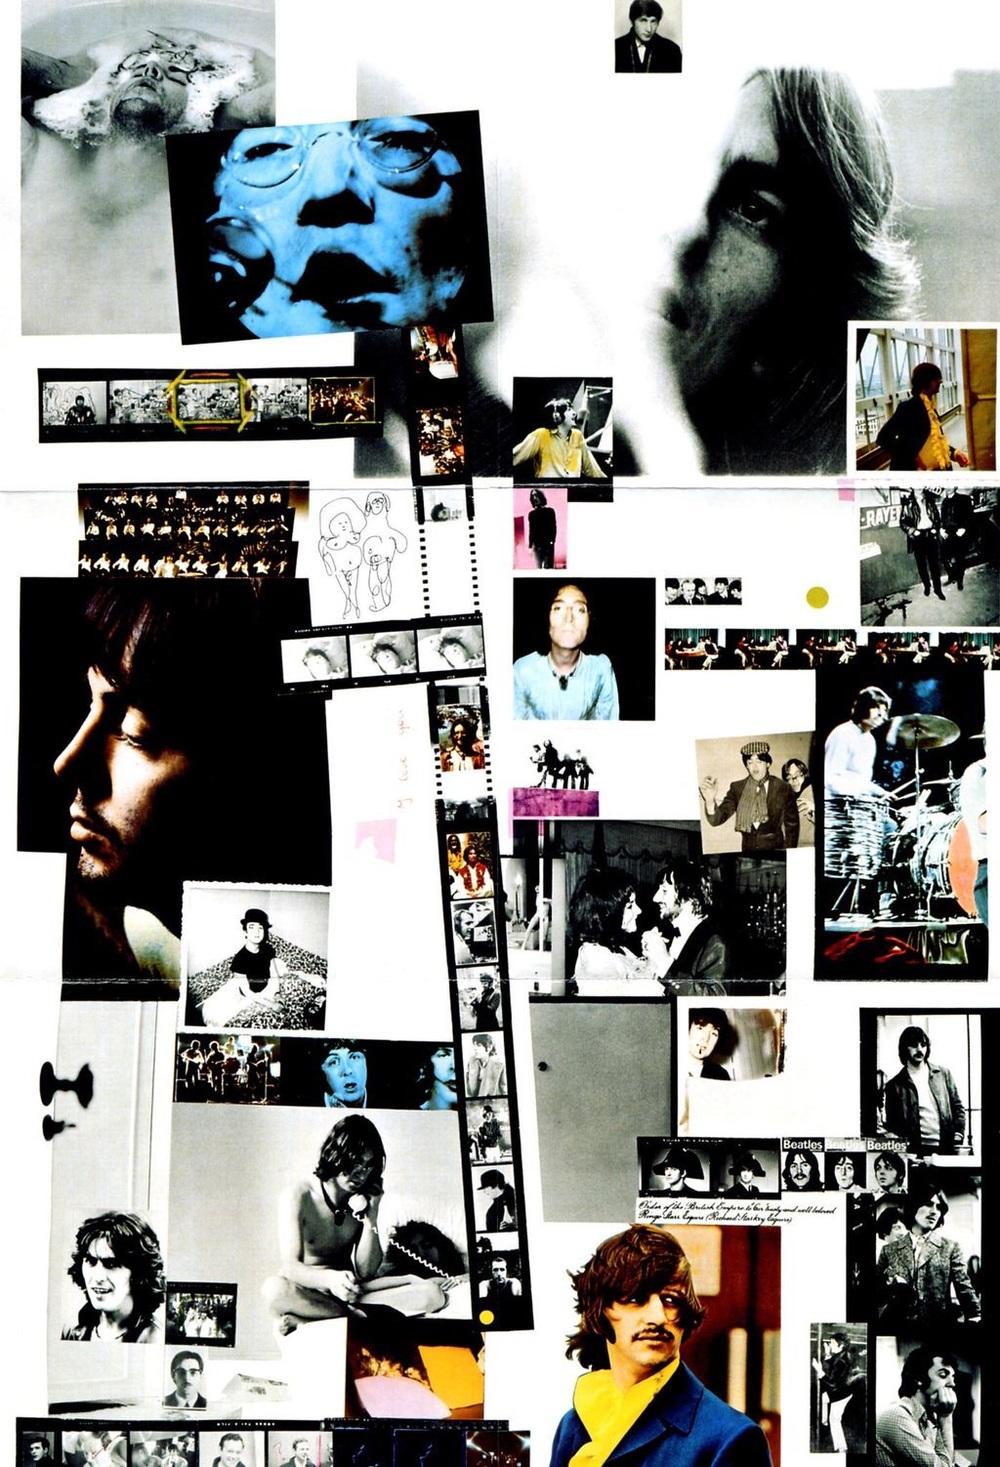 White Album sleeve, 1968.